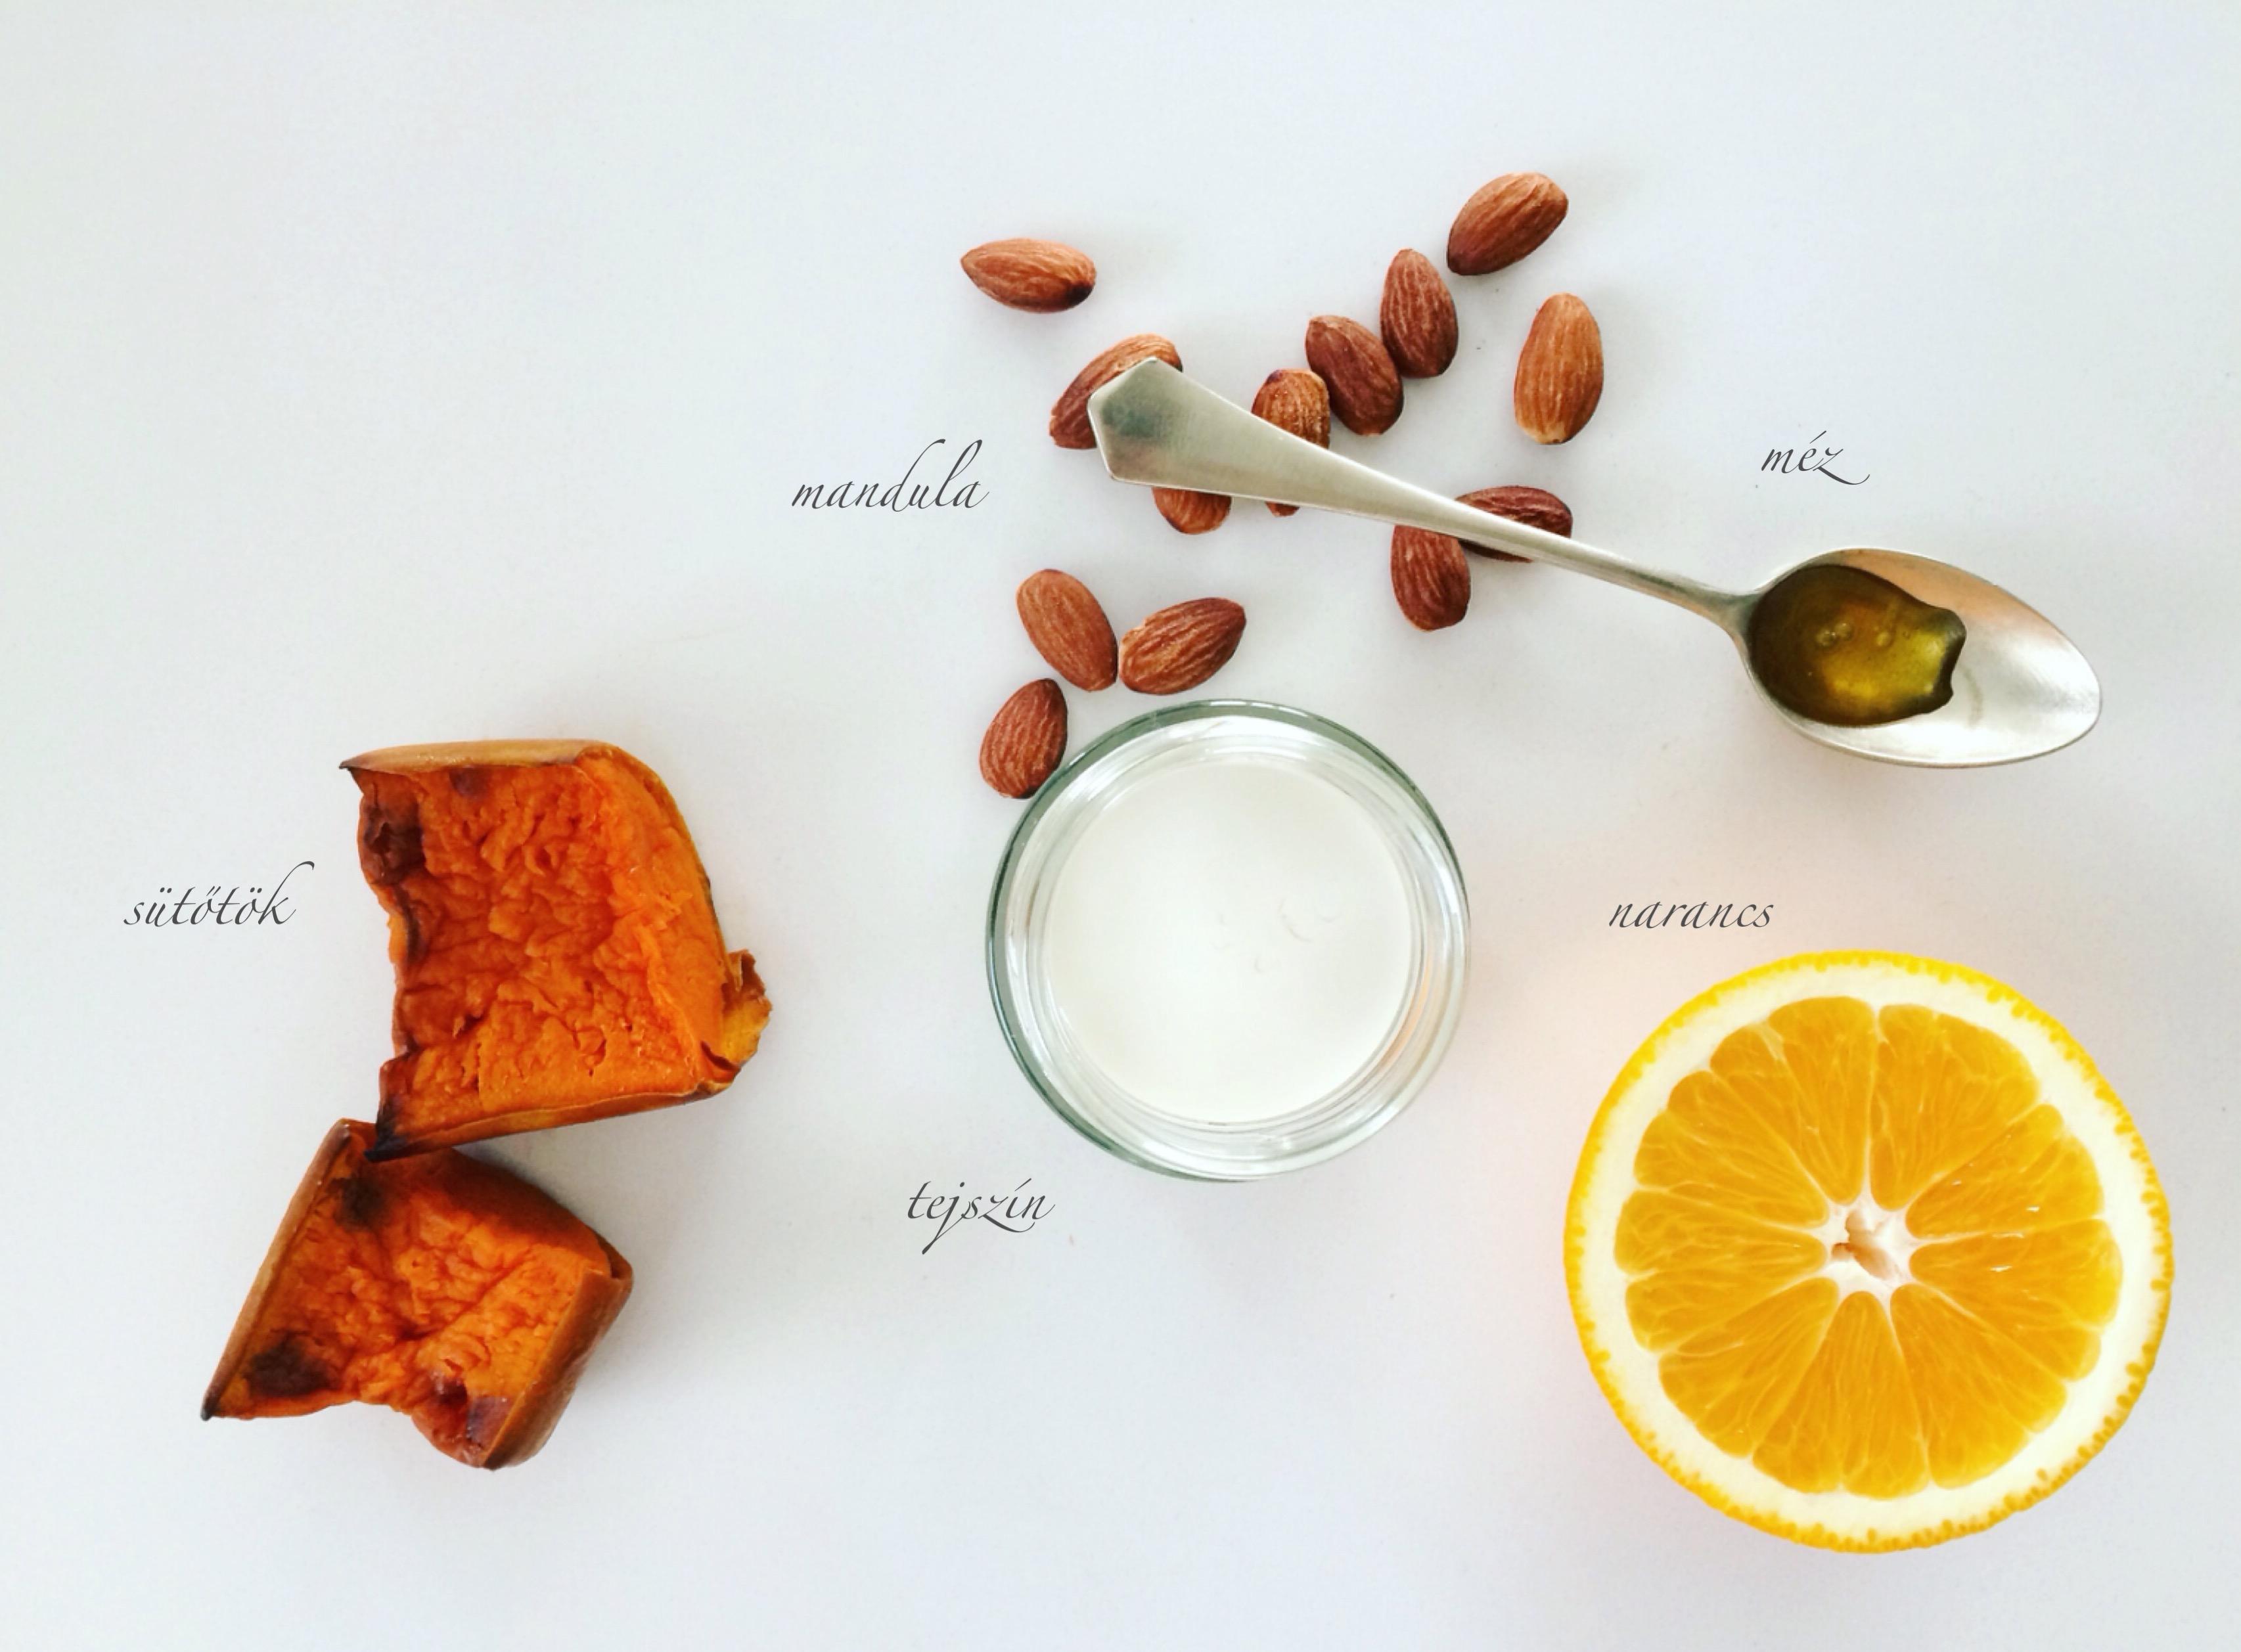 Narancsos sütőtökleves 5 hozzávalója